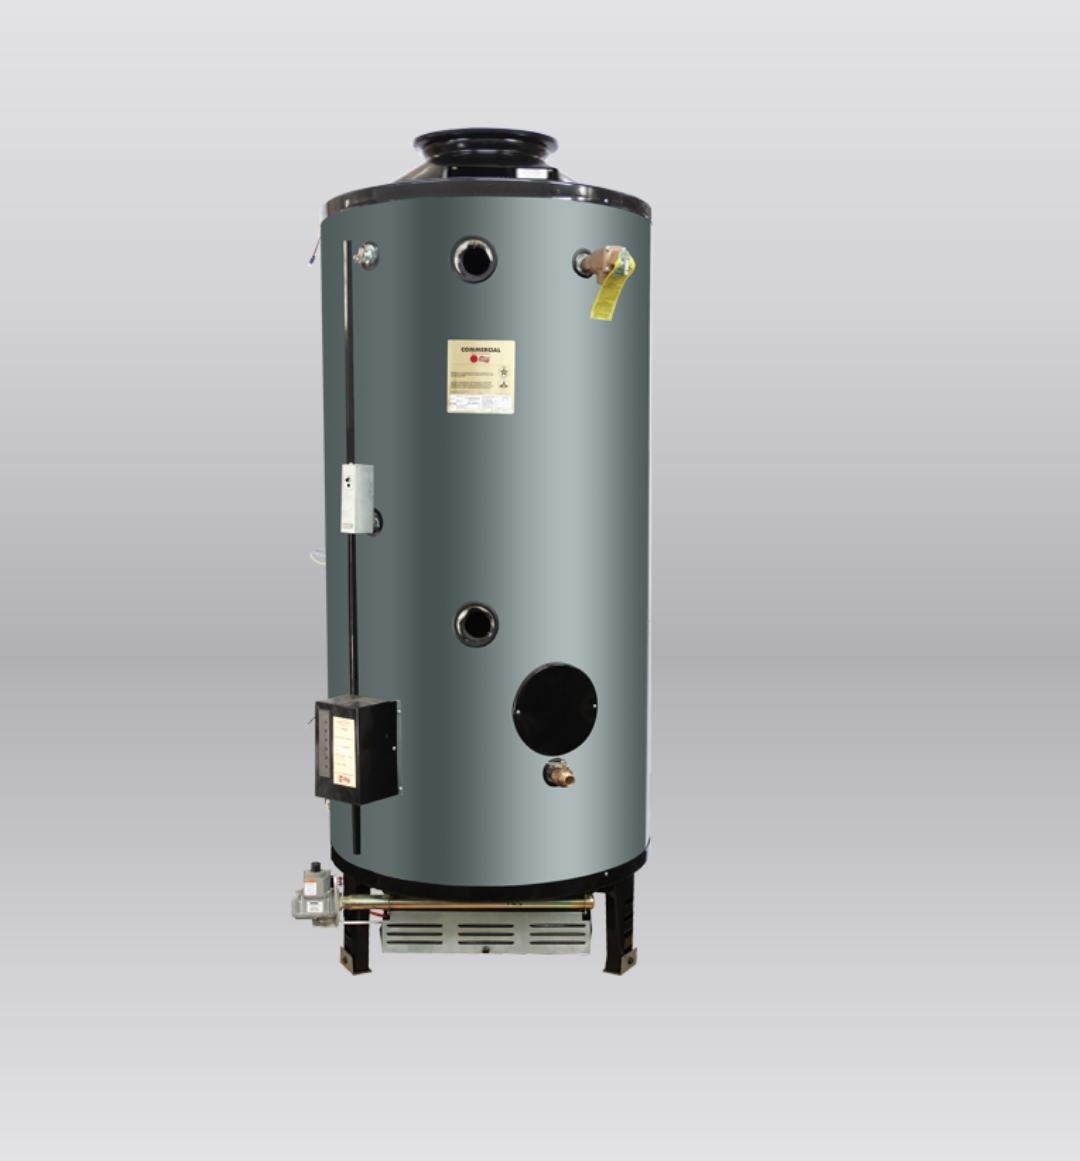 原装进口G100-376燃气热水器销售